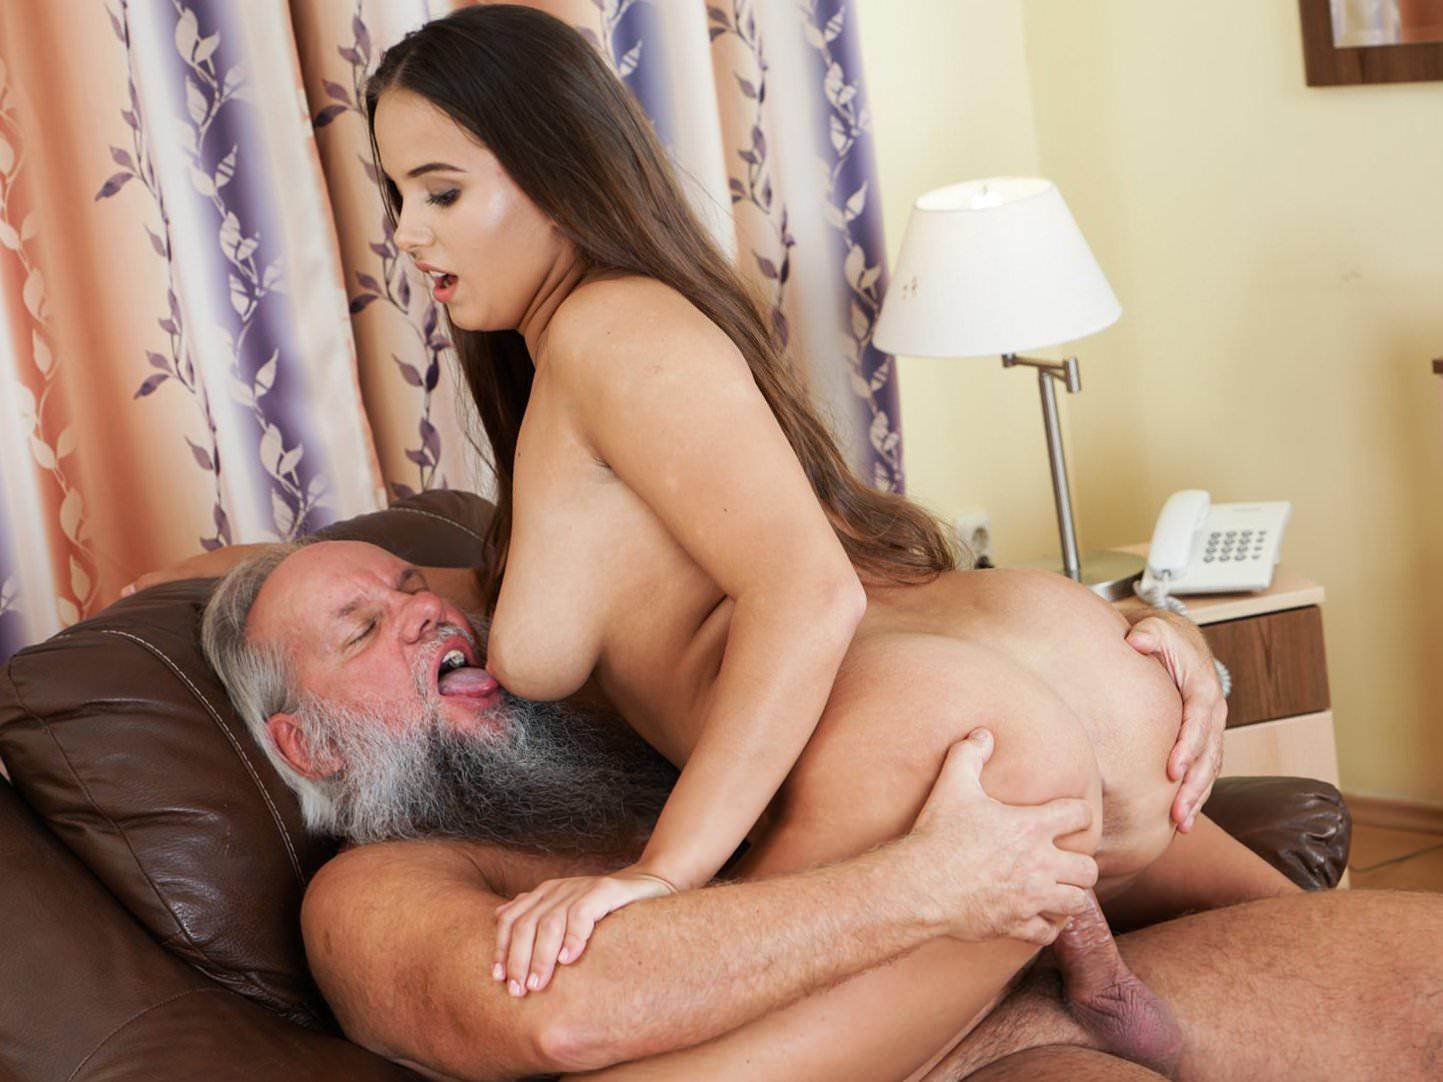 Смотреть порно бородатый старик, порно трусы белые фото